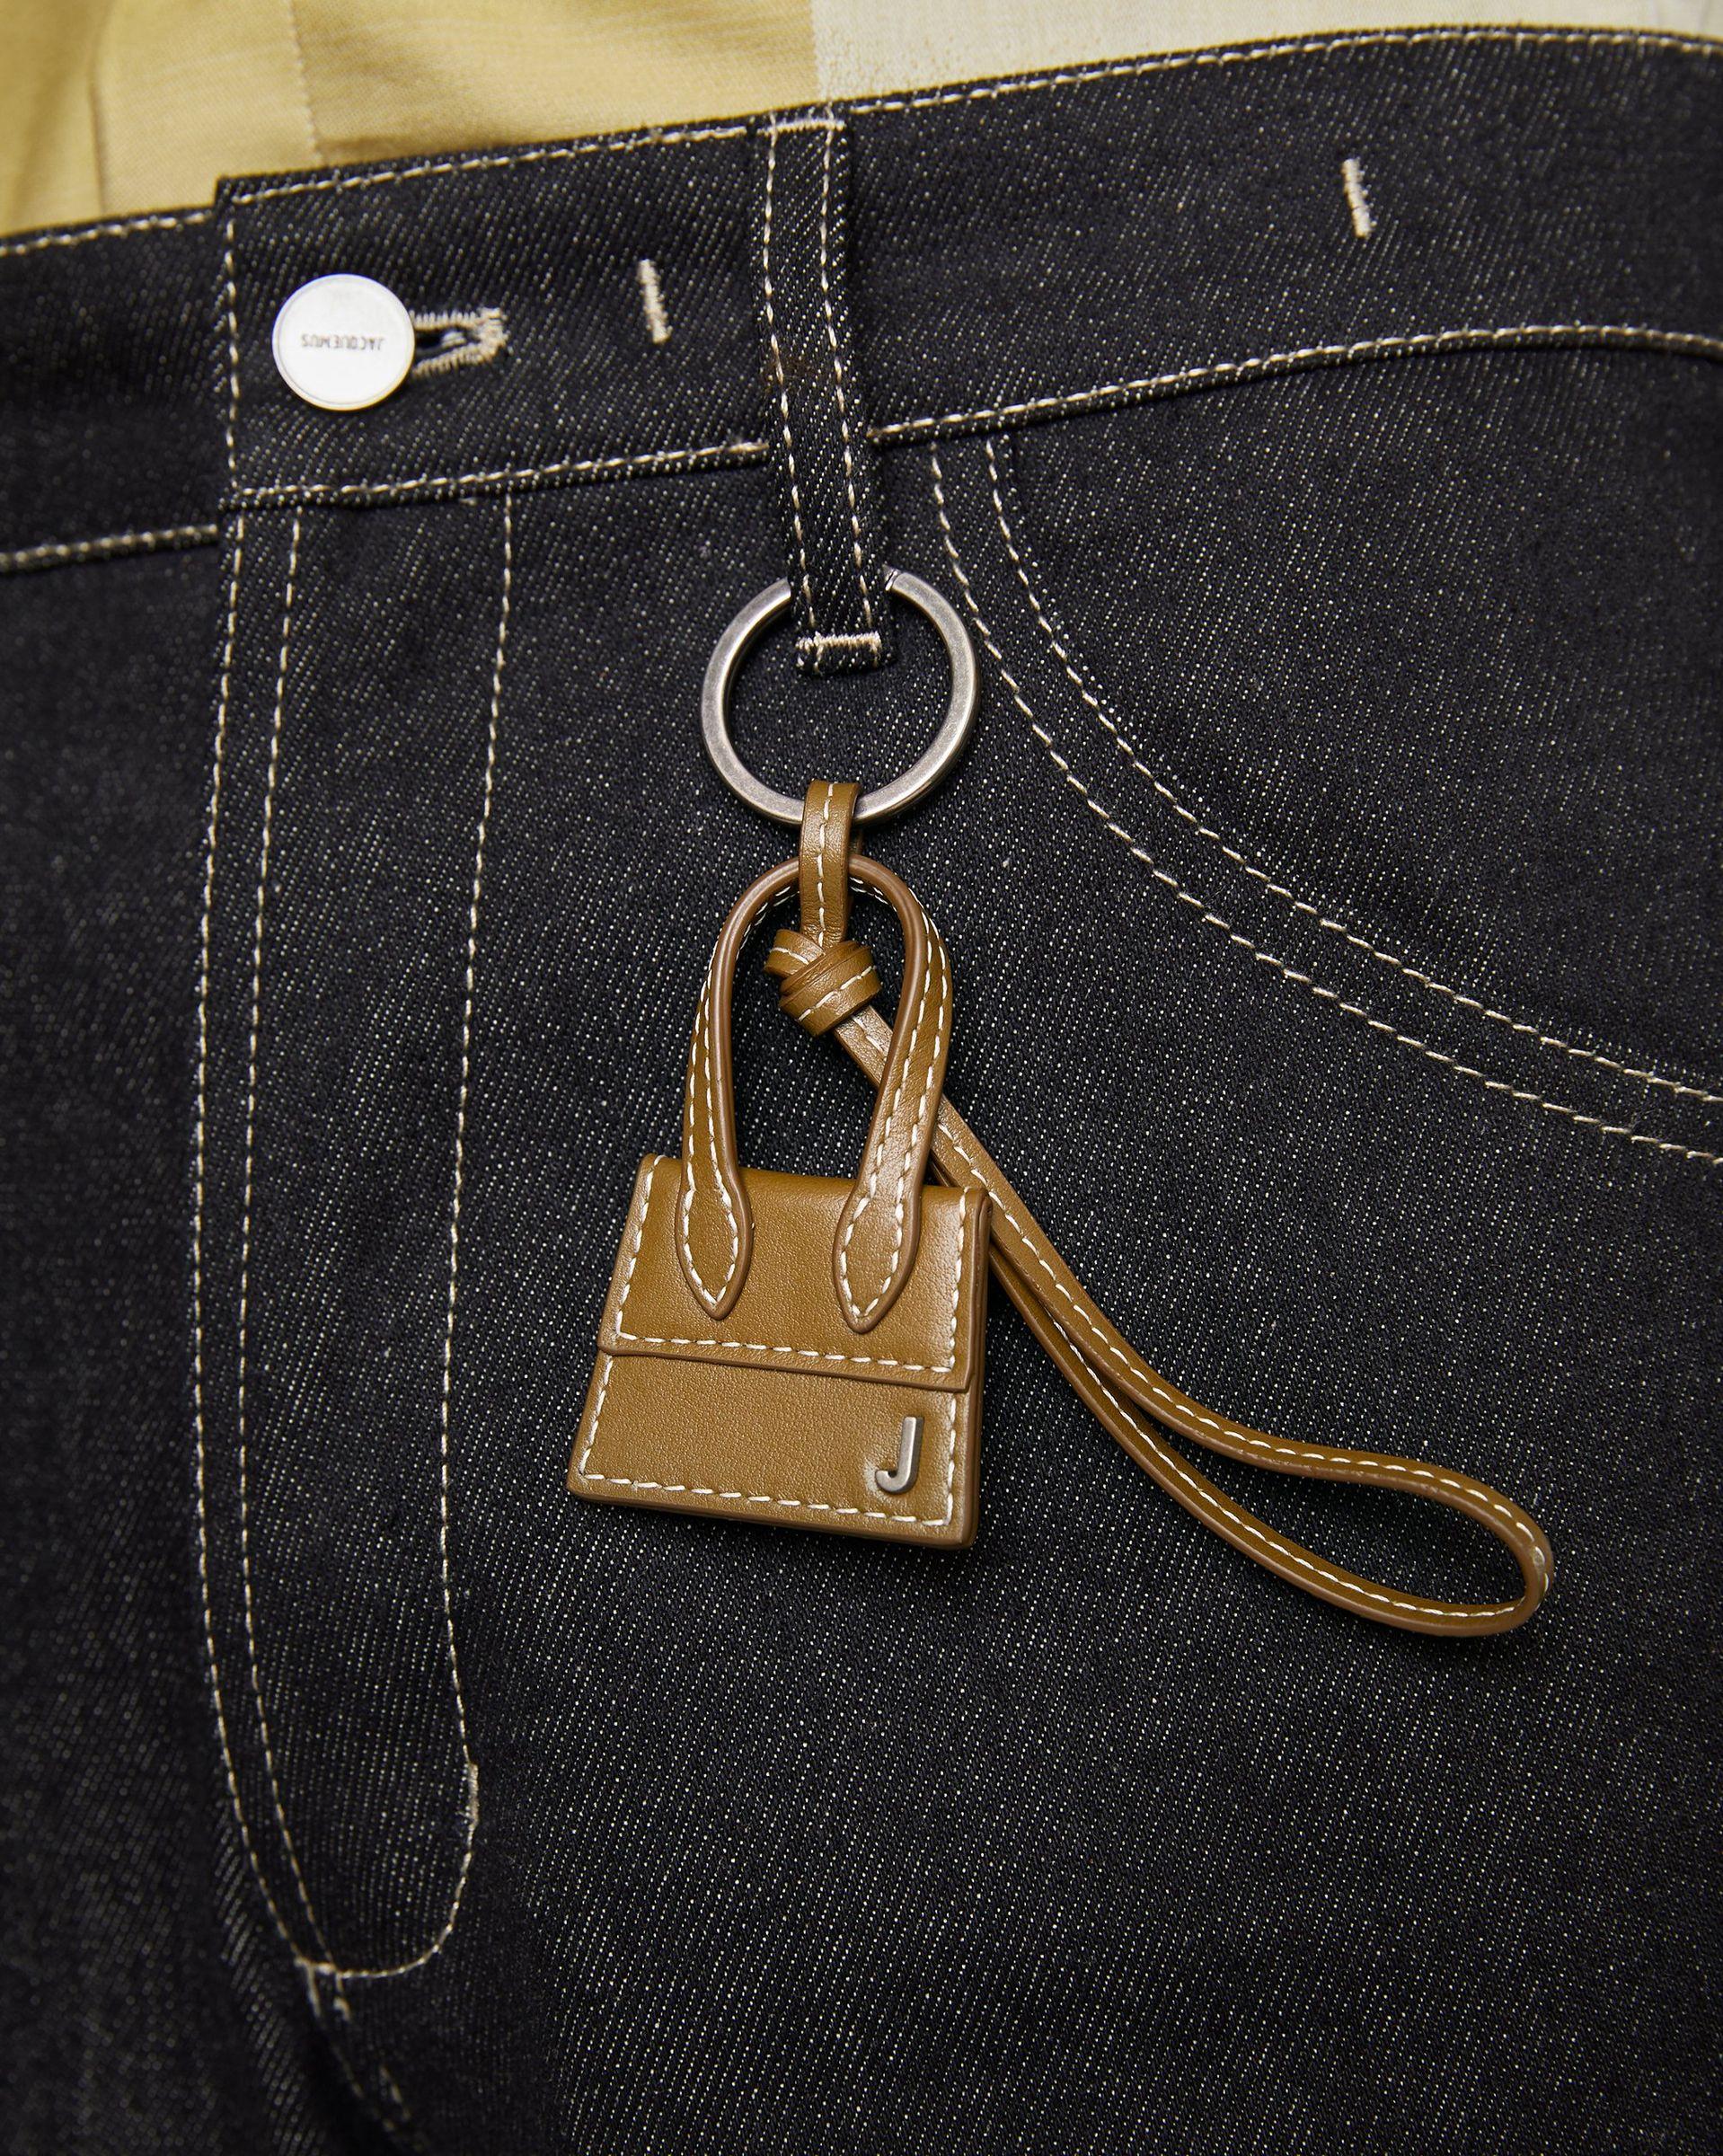 JACQUEMUS - Le Porte Cles Chiquito Dark Khaki - Image 3